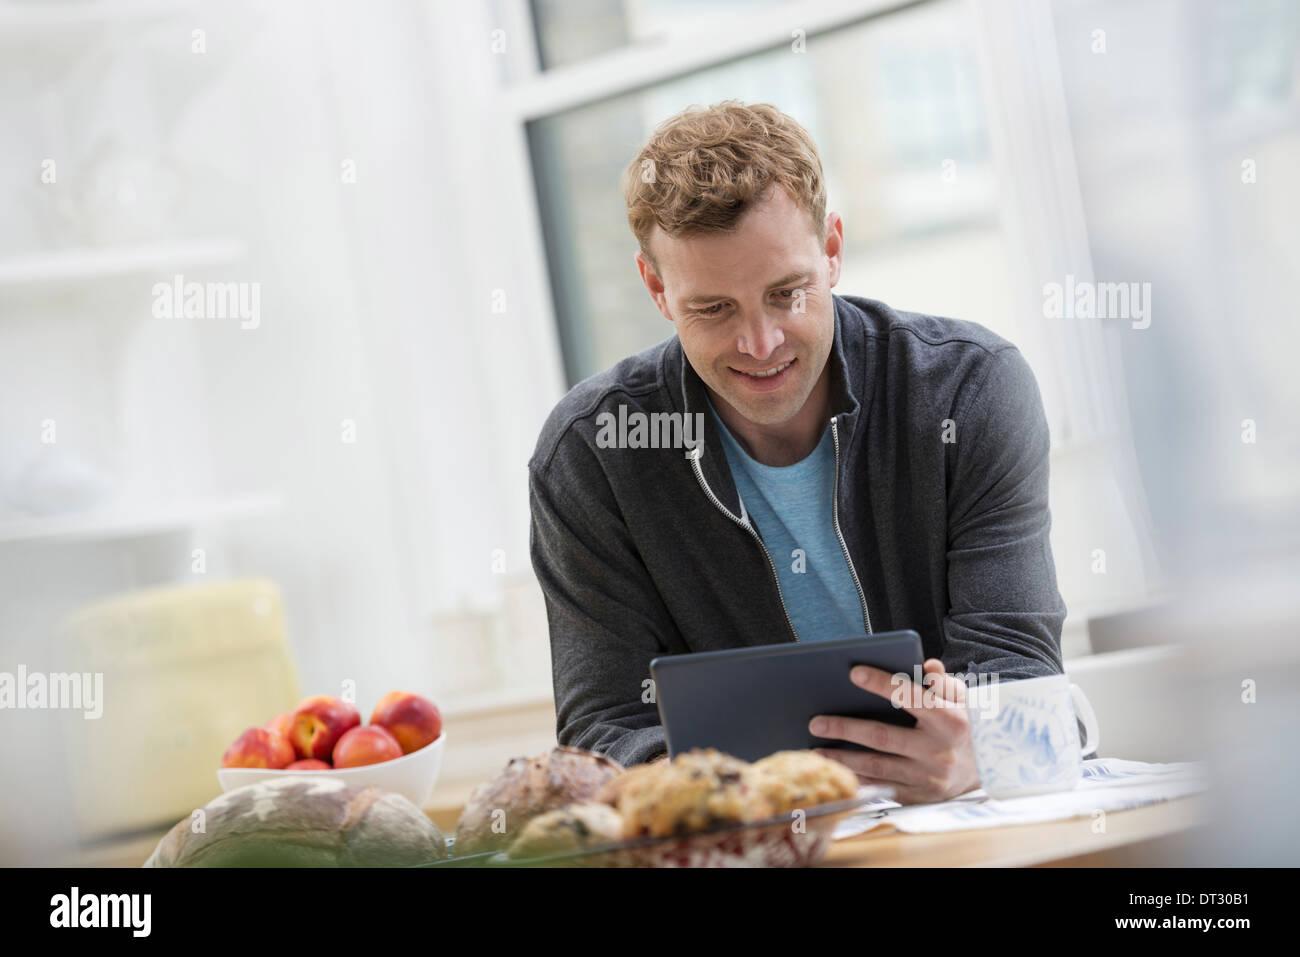 In un ufficio o un interno dell appartamento a New York City un uomo in una felpa alto utilizzando un tampone digitale appoggiato su di un bar per la prima colazione Immagini Stock